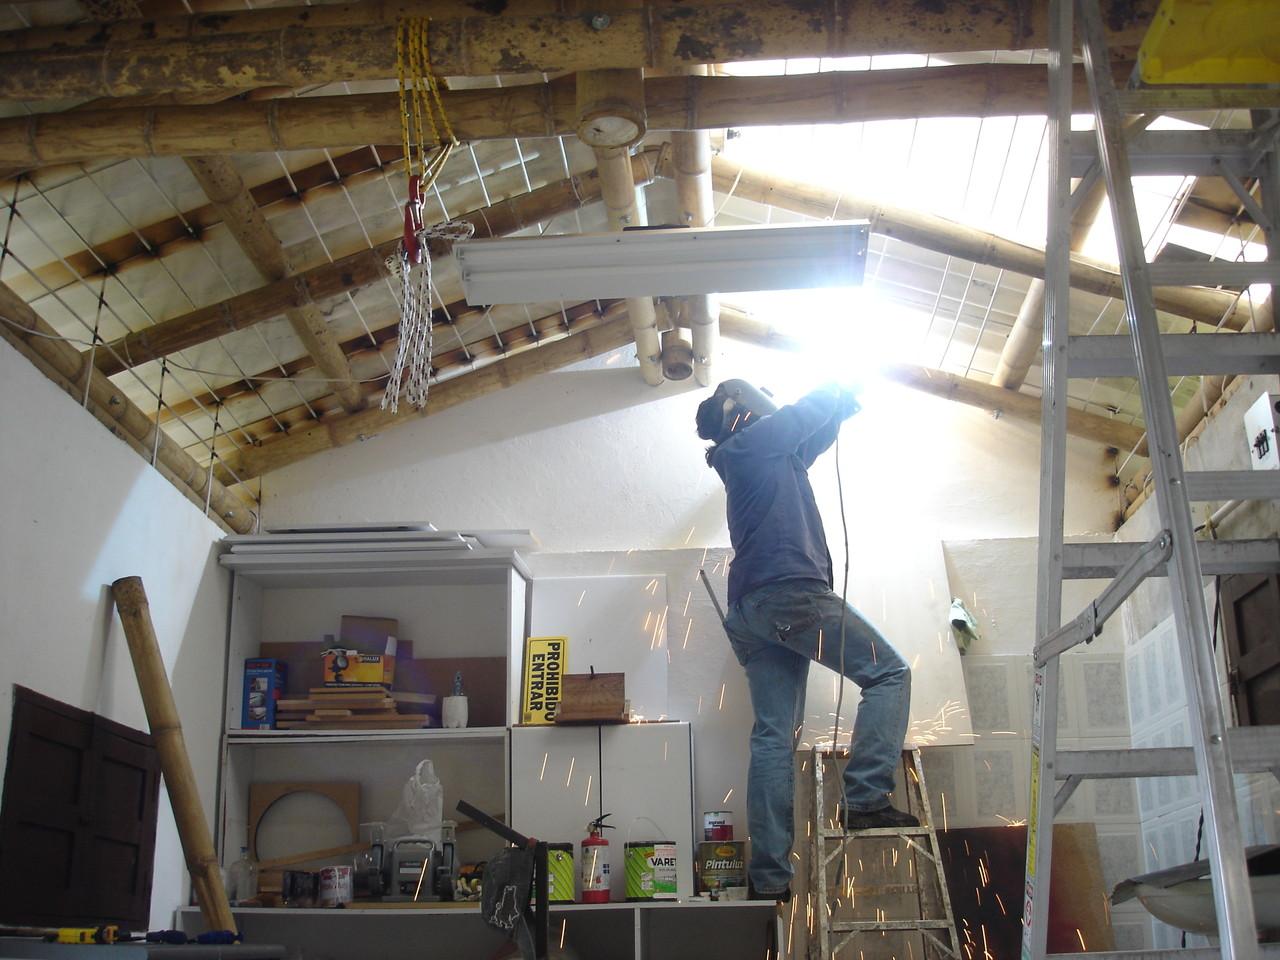 Aumentando seguridad, fabricando reja de techo